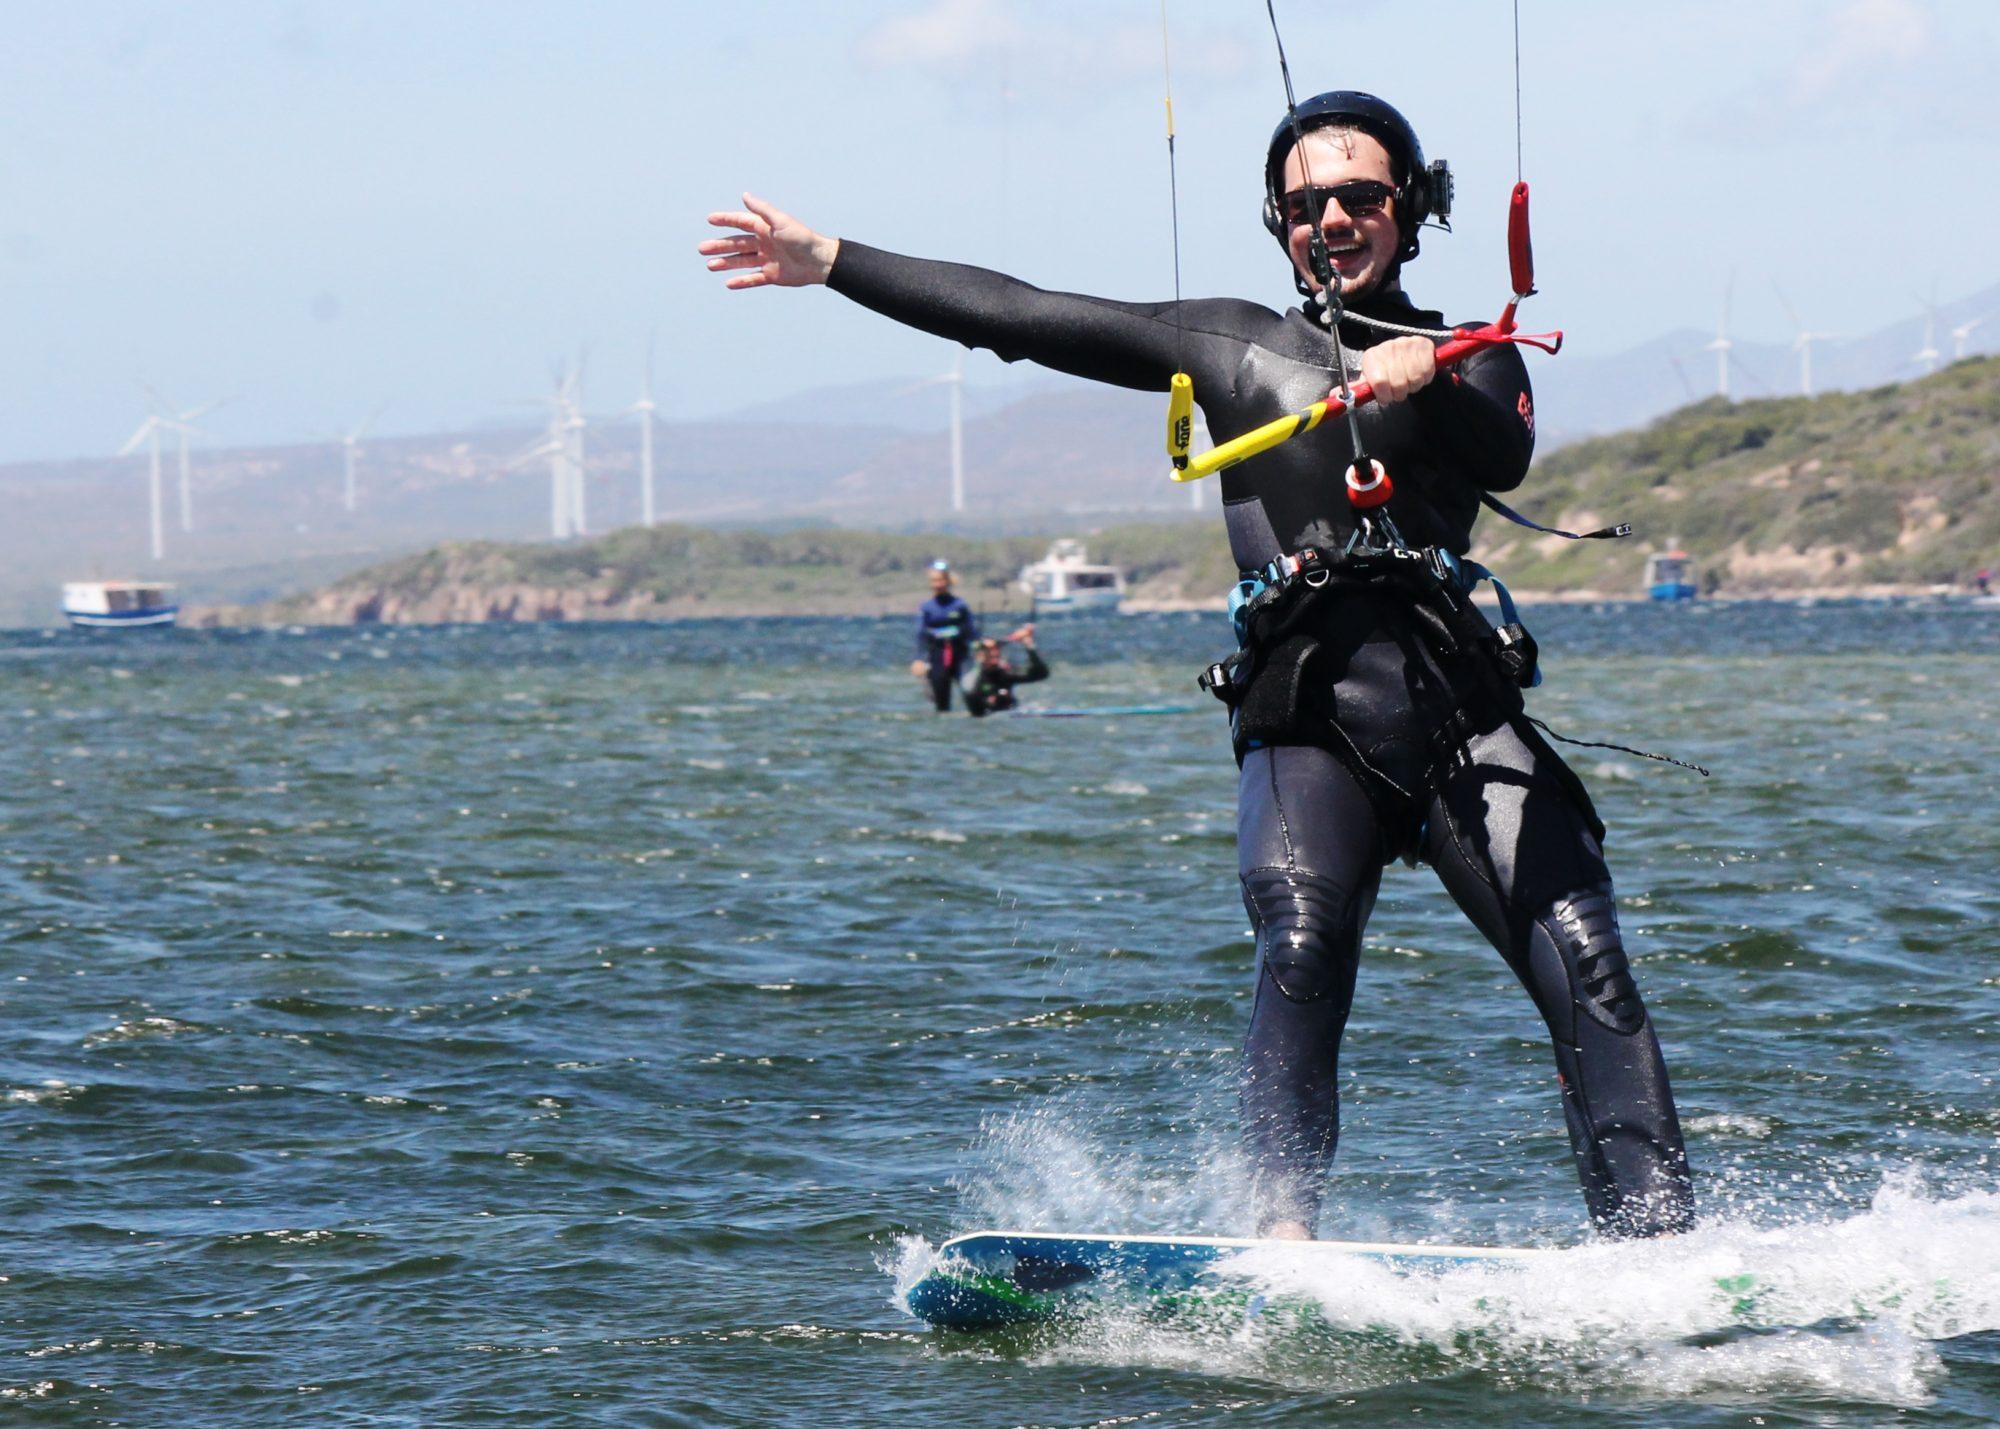 Corso kite Zero to Hero a punta trettu kite sardegnaKite Surf Course in Punta Trettu Sardinia: Lern to Kite Surf in the fantastic kite spot of Punta Trettu in the paradise of Sardini